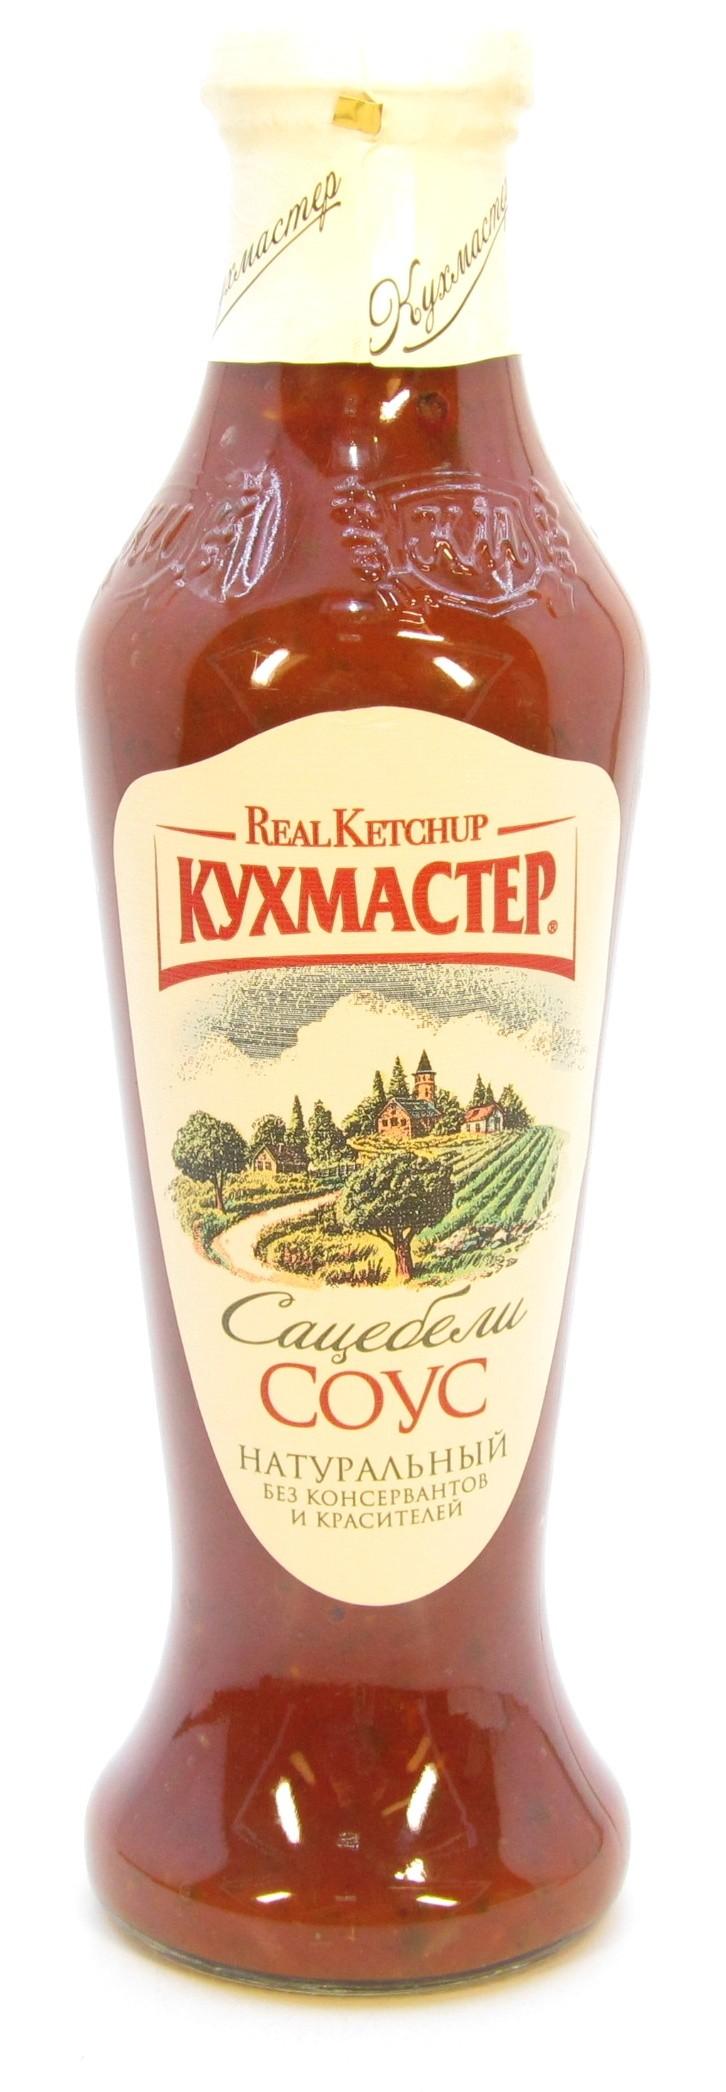 Kuhmaster Satsebeli Sauce, 17.63 oz / 500 g